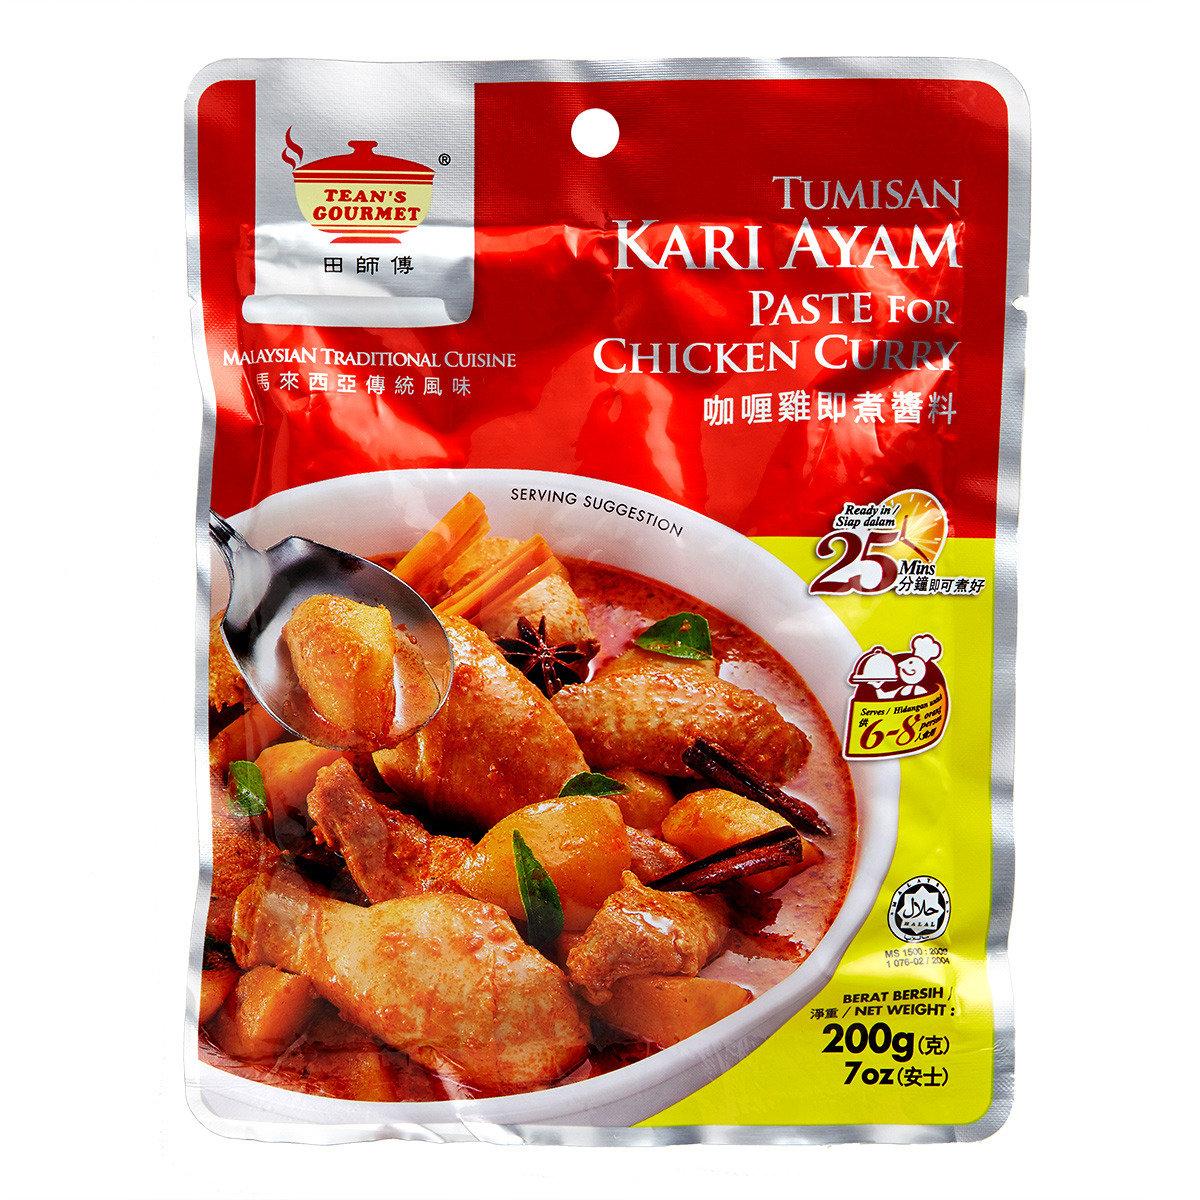 馬來道地咖喱雞即煮醬料